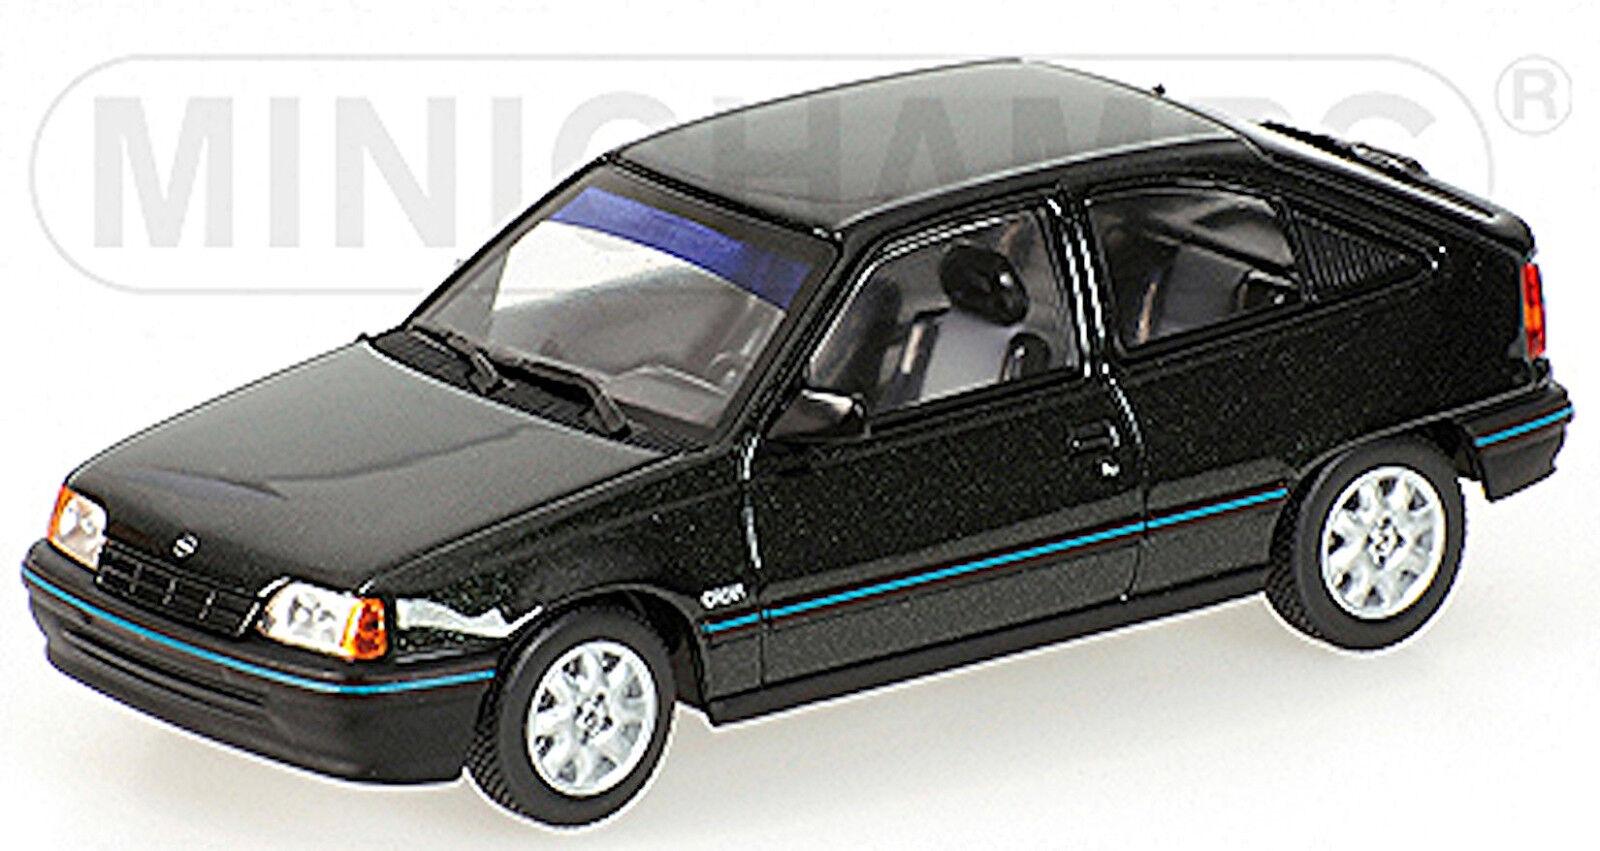 Opel Kadett E 3-door Hayon Arrière Facelift 1989-91 Vert vert Metallic 1 43 Minich